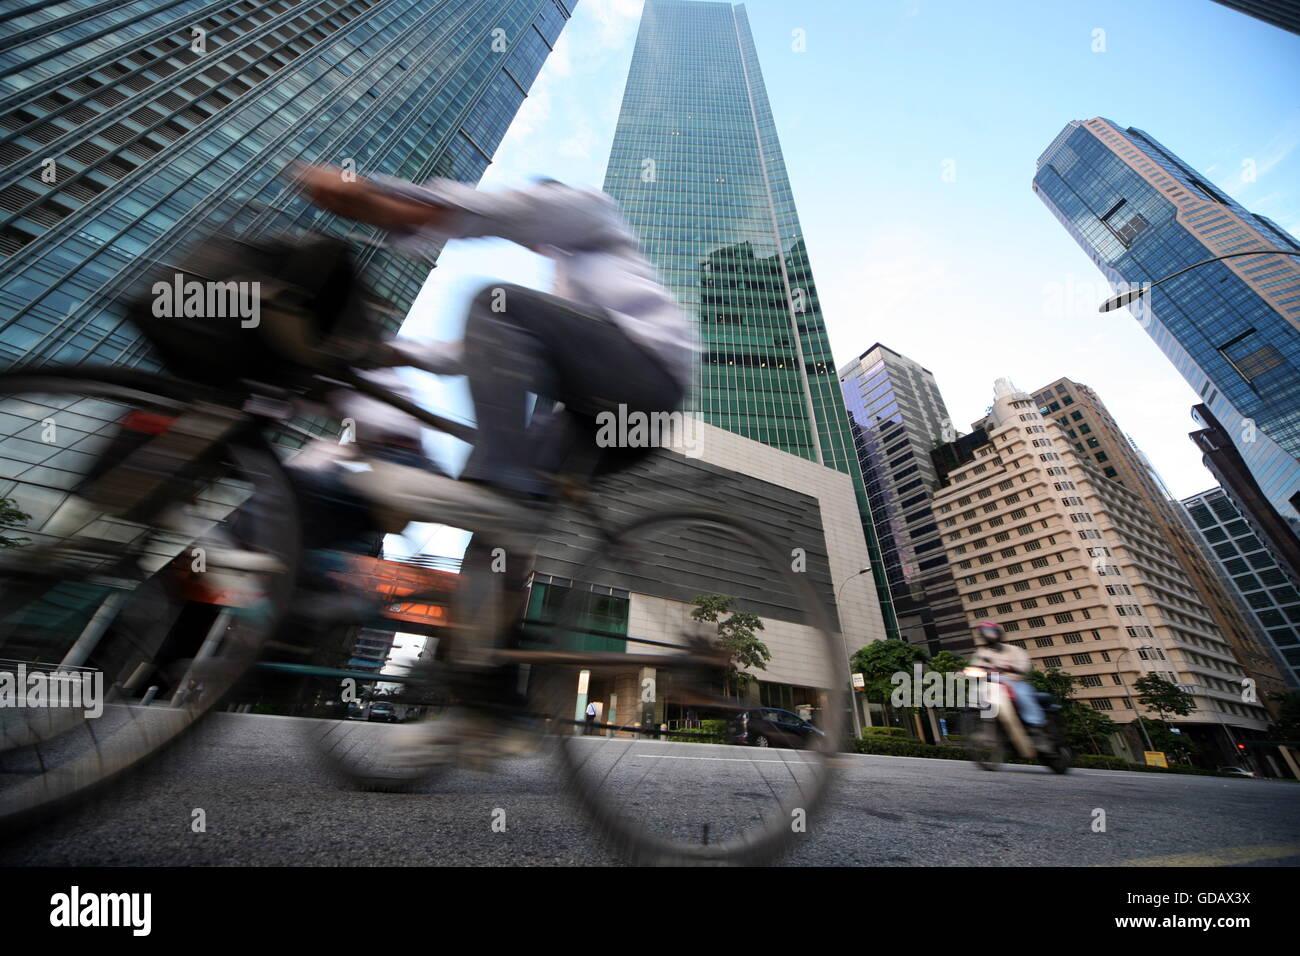 Asien, Suedost, Singapur, Insel, Staat, Stadt, City, Skyline, Zentrum, Bankenviertel, Hochhaus, Wolkenkratzer, Bank, - Stock Image